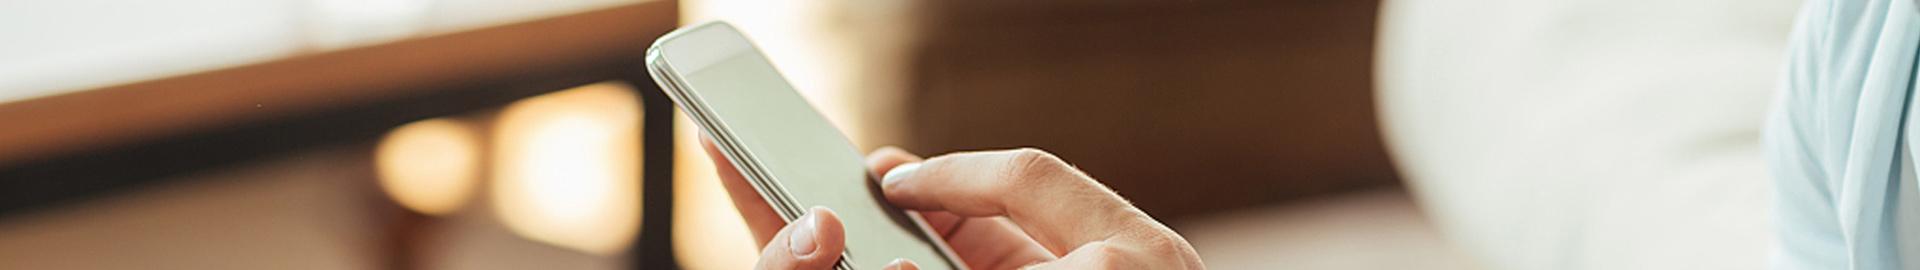 微官网和微信公众号有哪些区别?